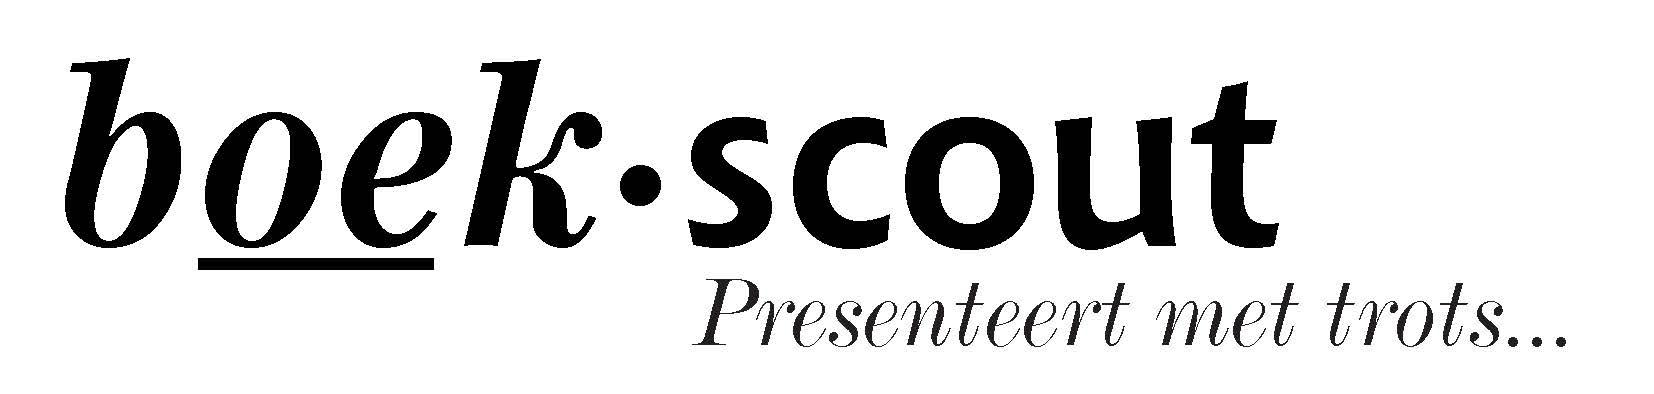 Boekscout.nl geeft je boek uit professioneel, zonder kosten